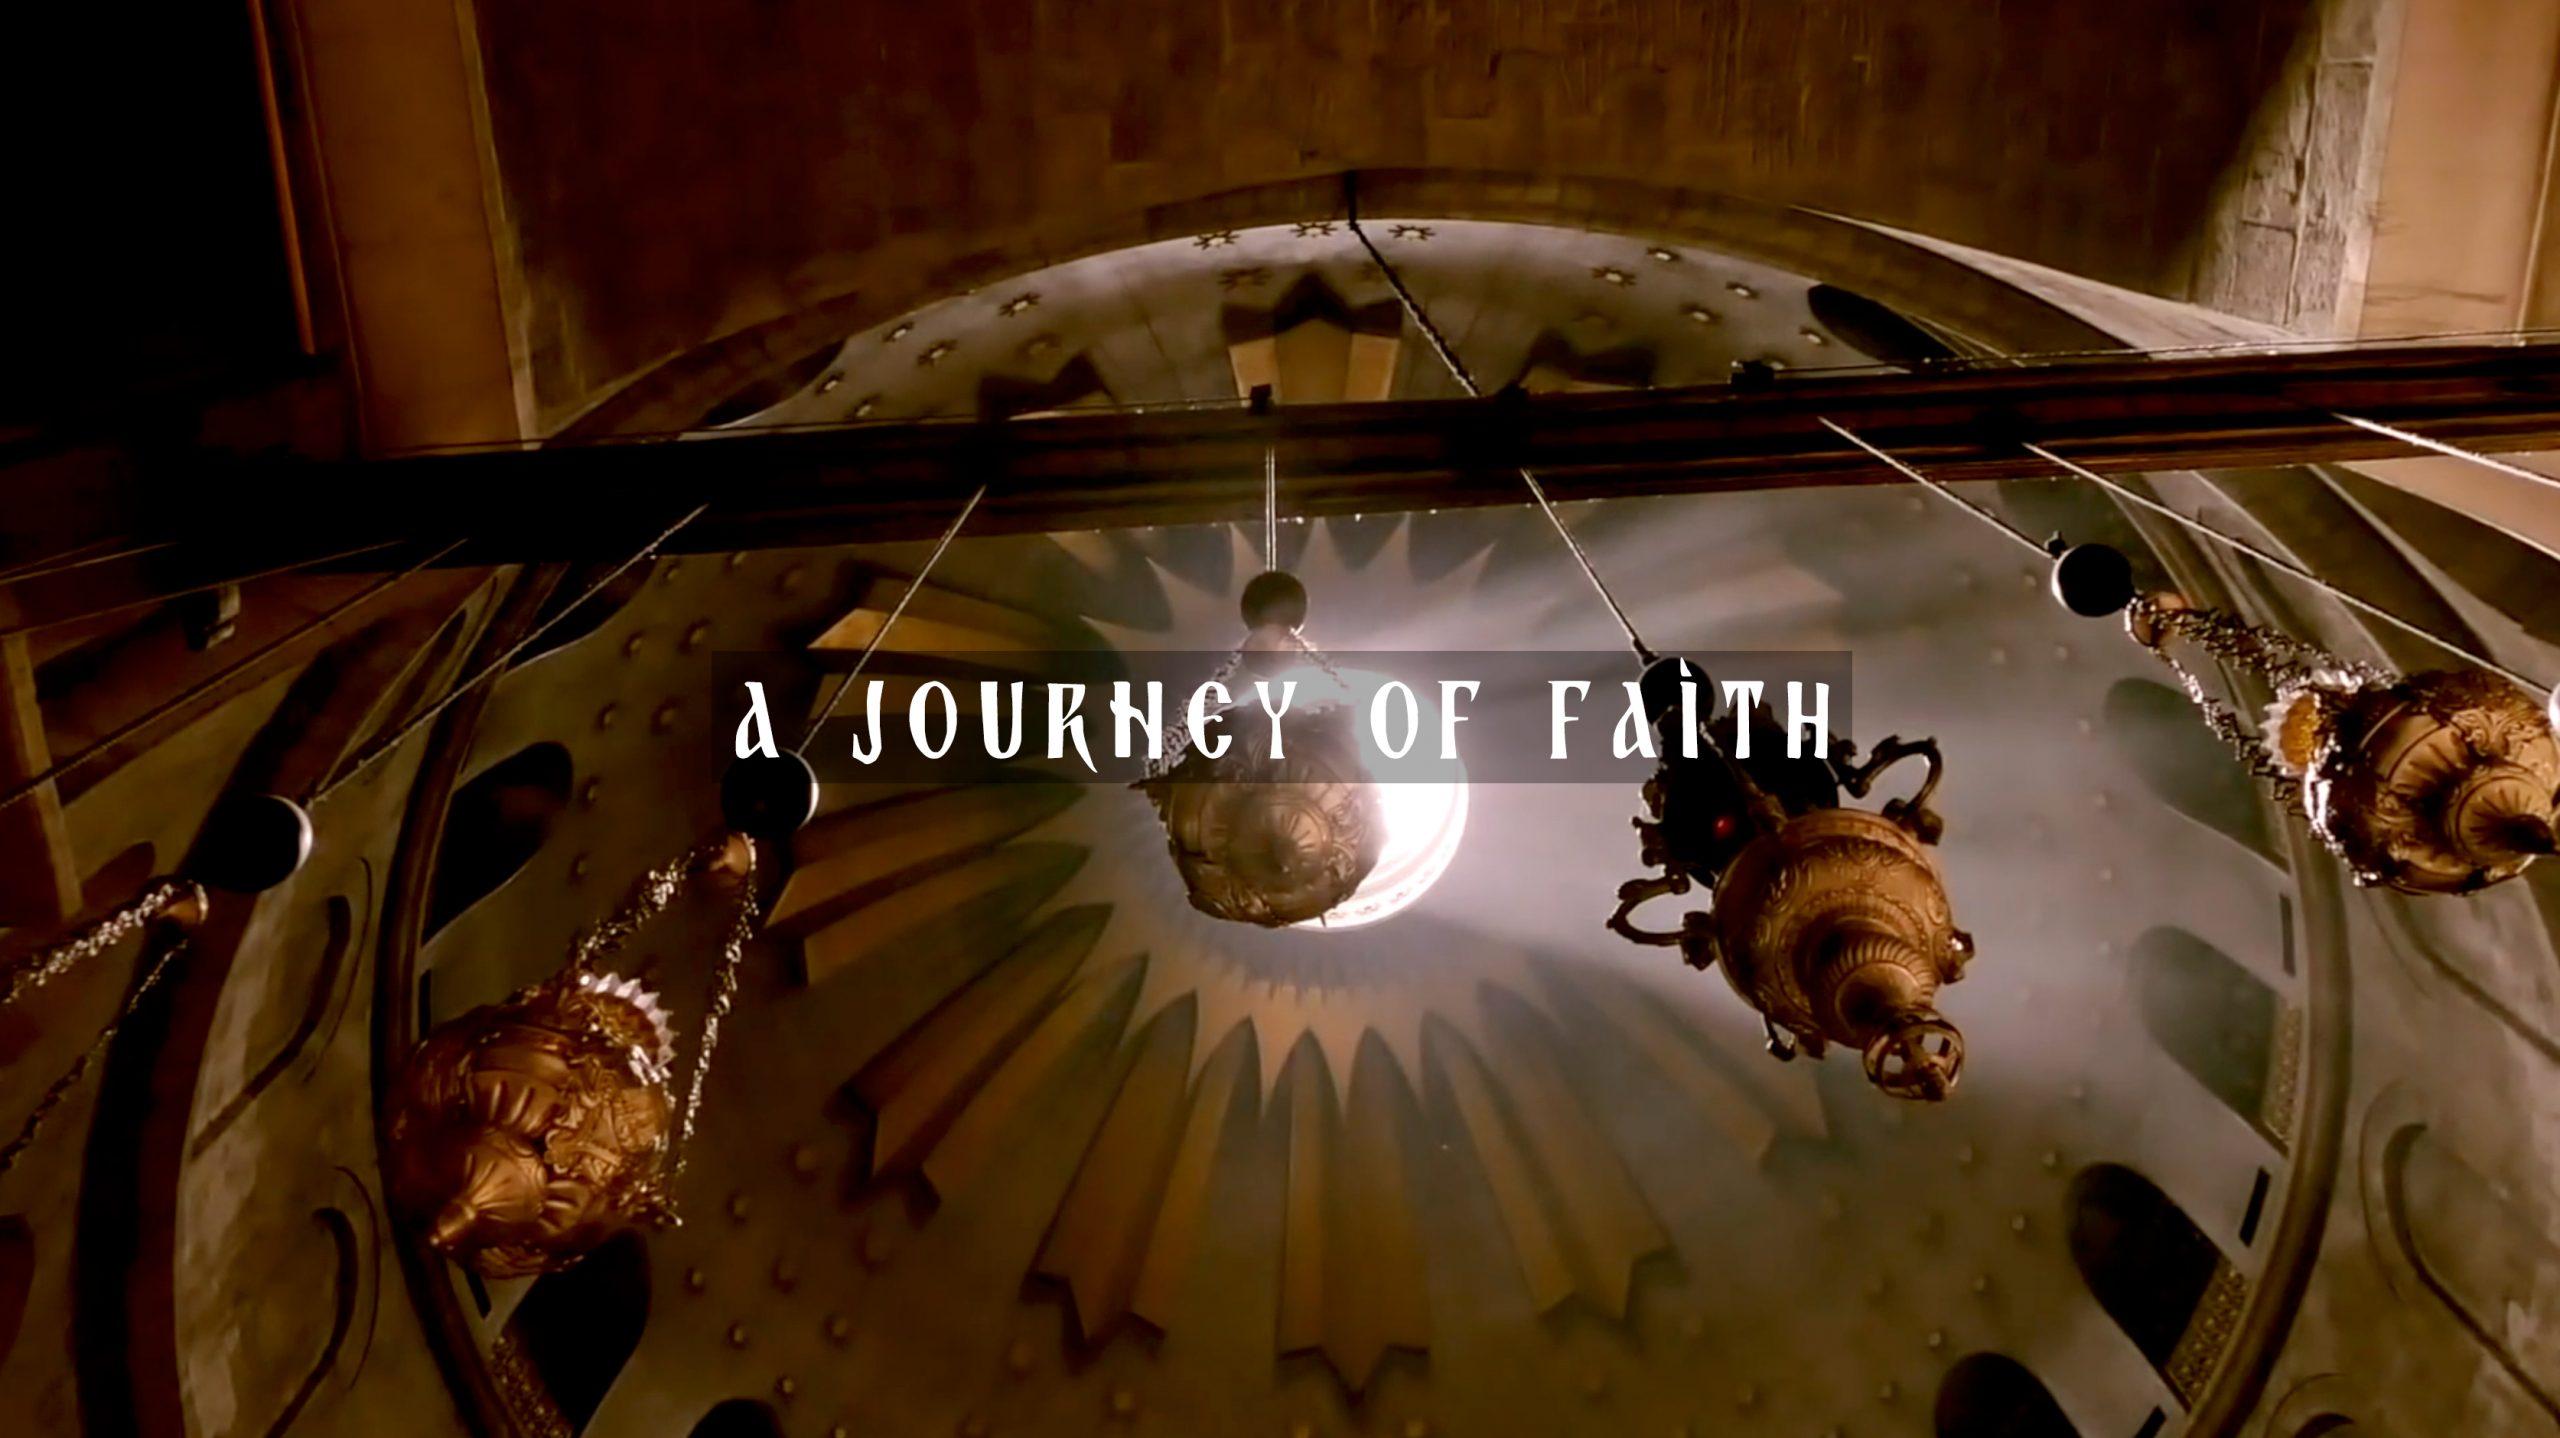 A-Journey-of-Faith-YouTube-Art